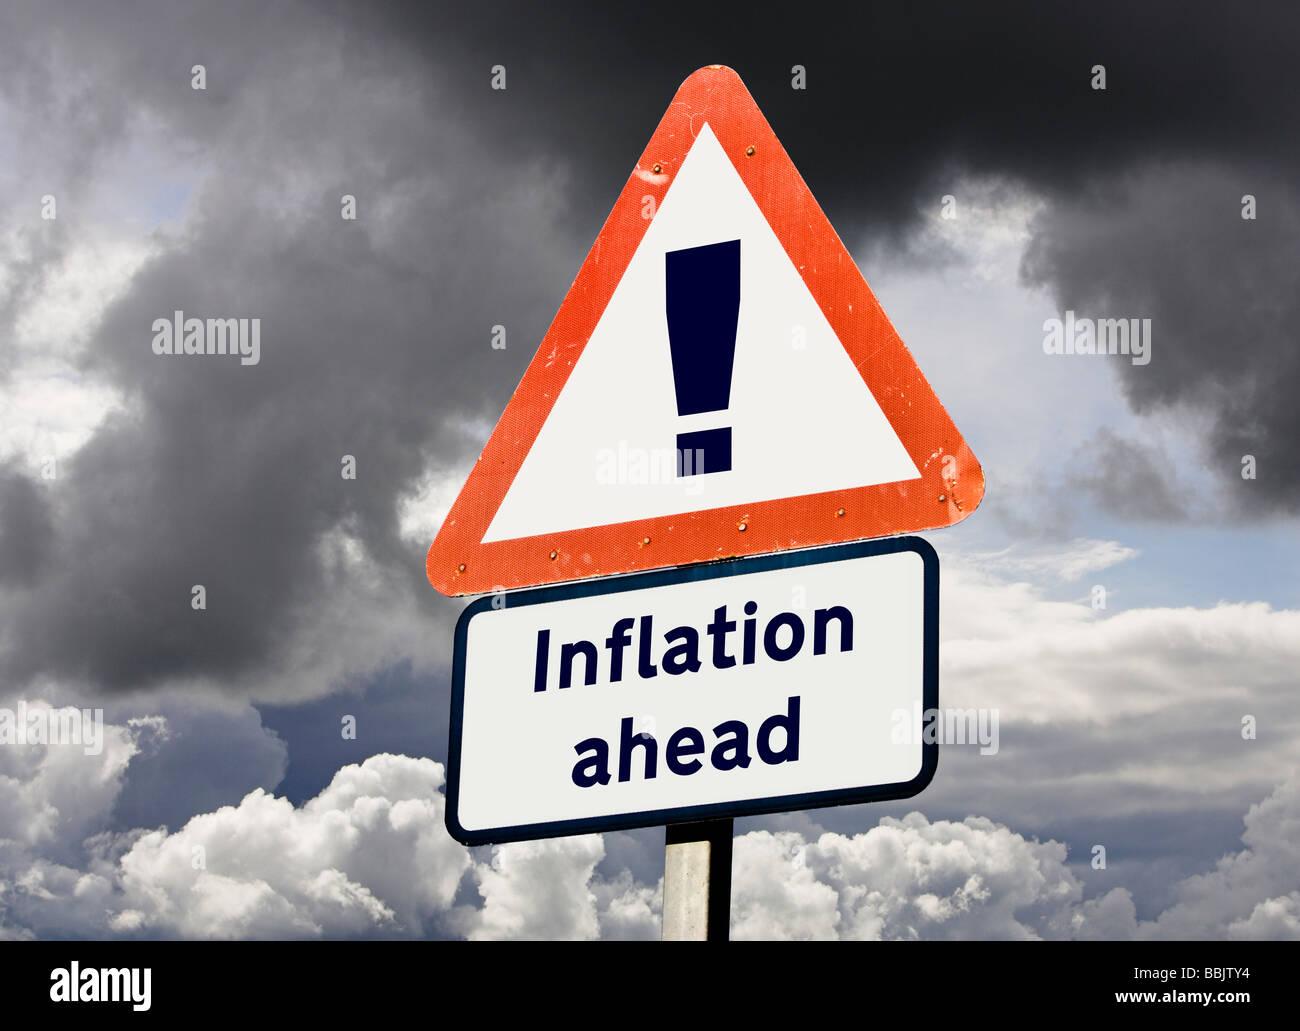 La hausse de l'inflation concept signe montrant l'avant - future prédiction, économie, économie Photo Stock